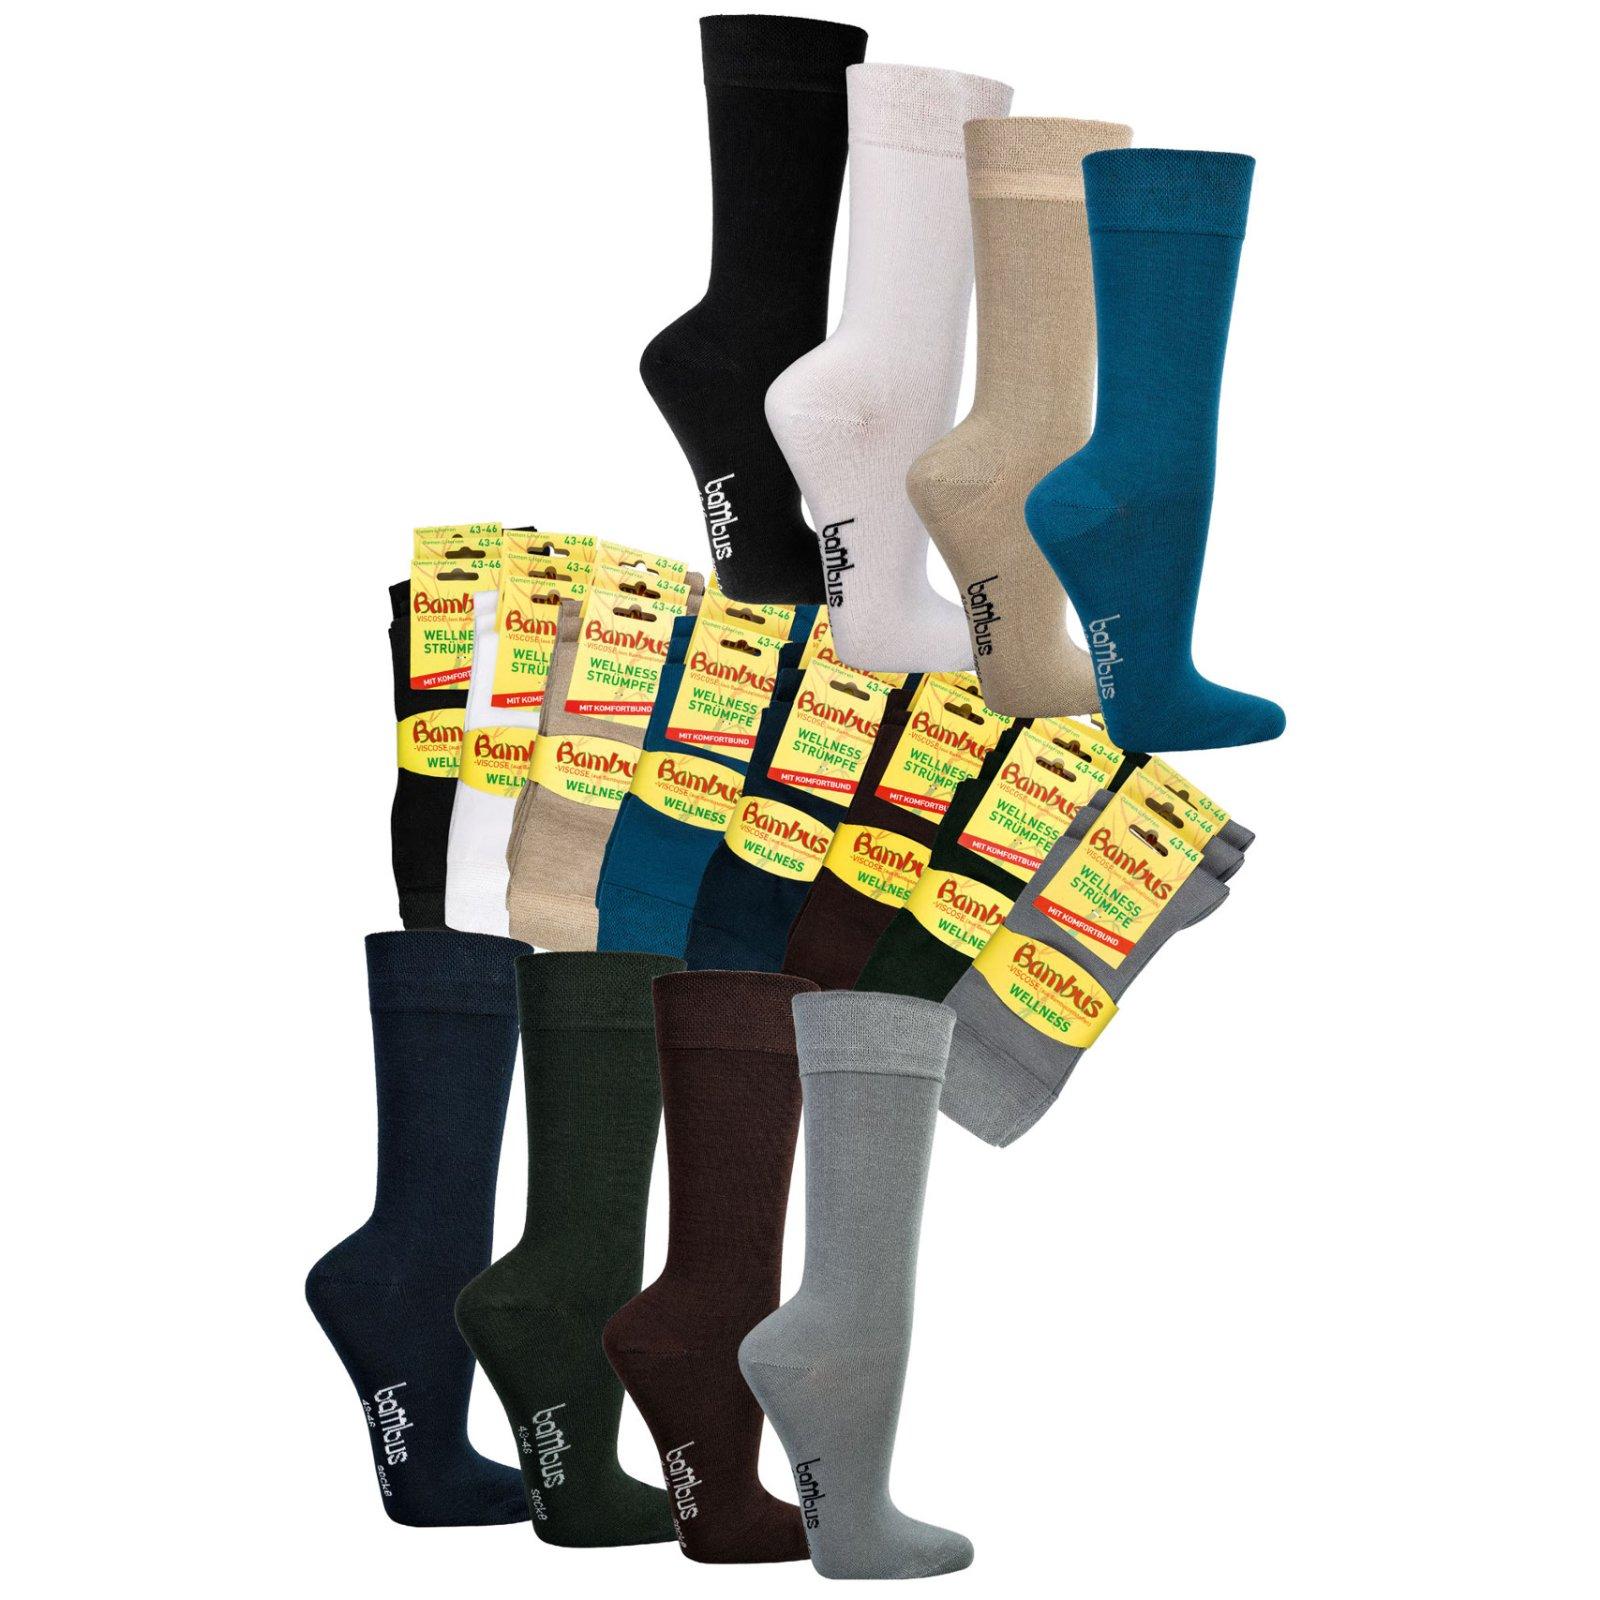 3er Pack Socken Wowerat beige Übergröße 35-38 39-42 43-46 NEU